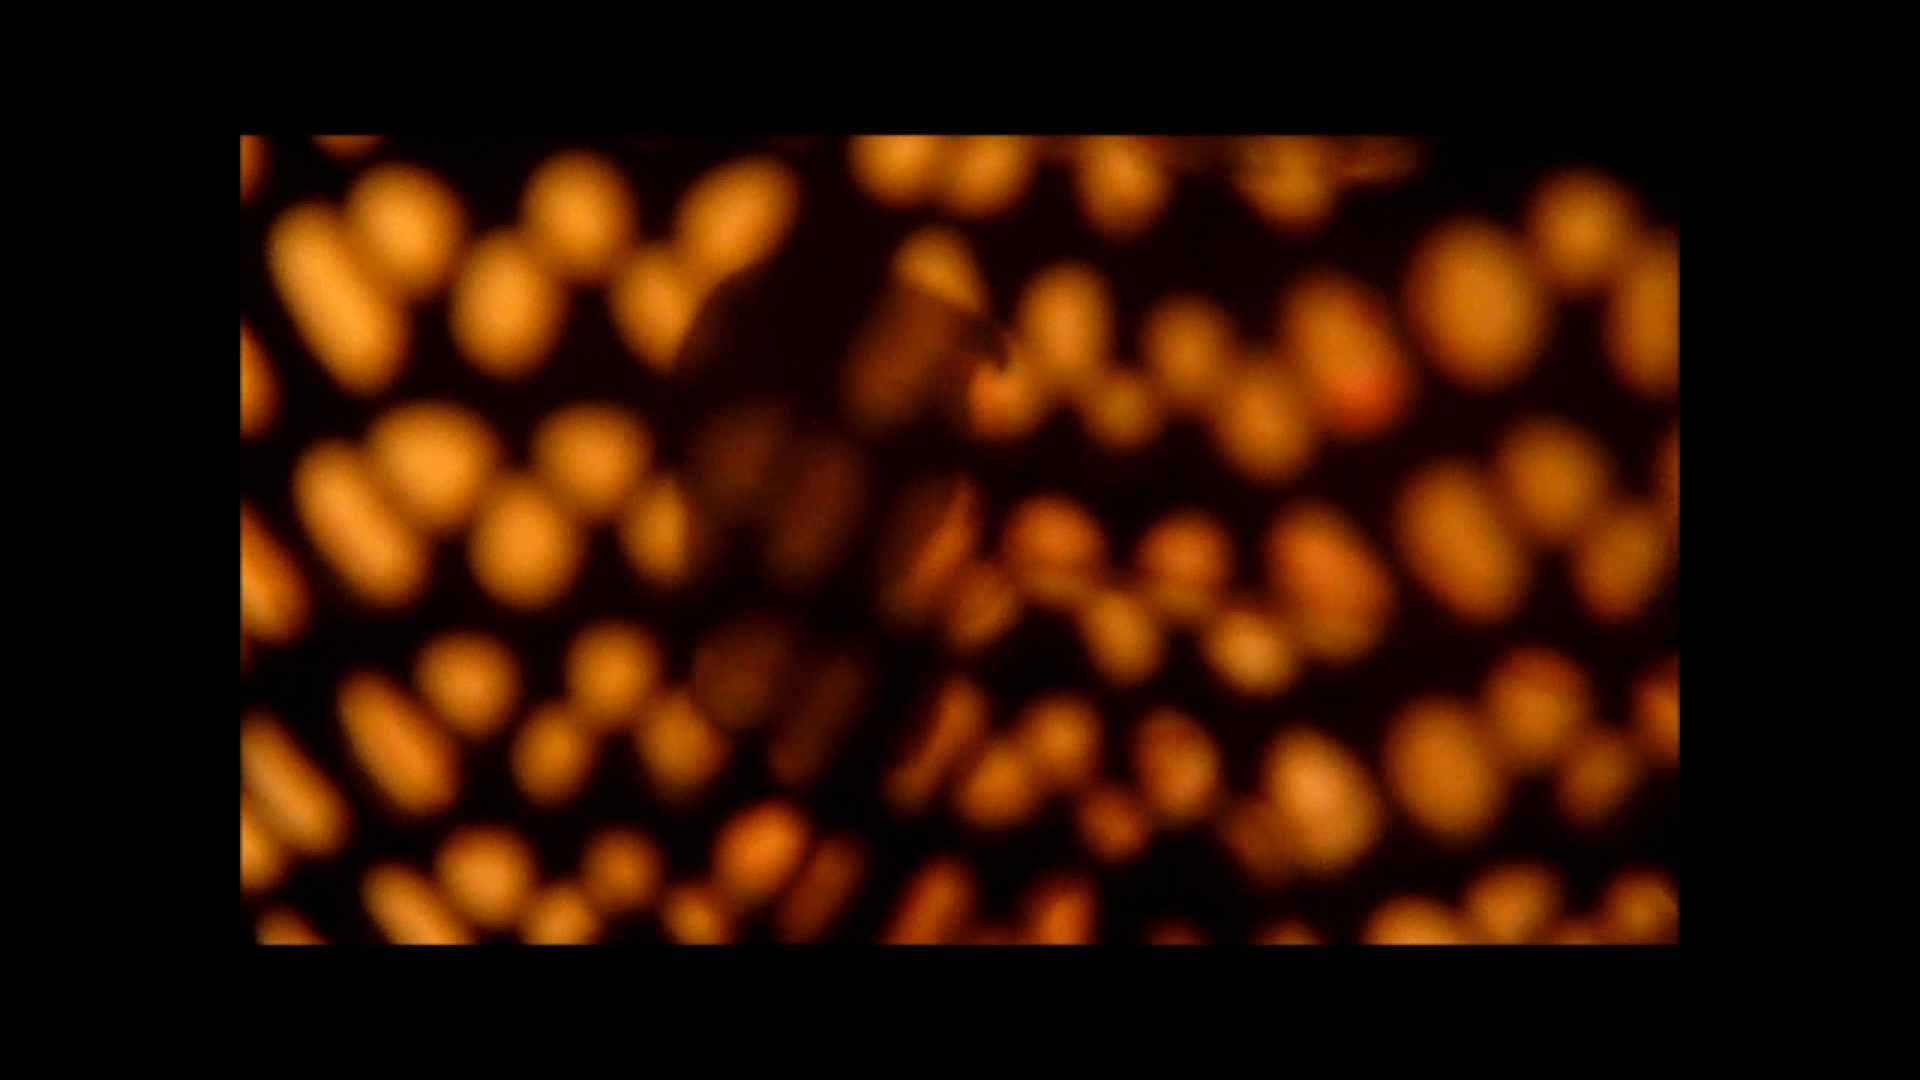 【02】ベランダに侵入して張り込みを始めて・・・やっと結果が出ました。 家宅侵入   0  107pic 59